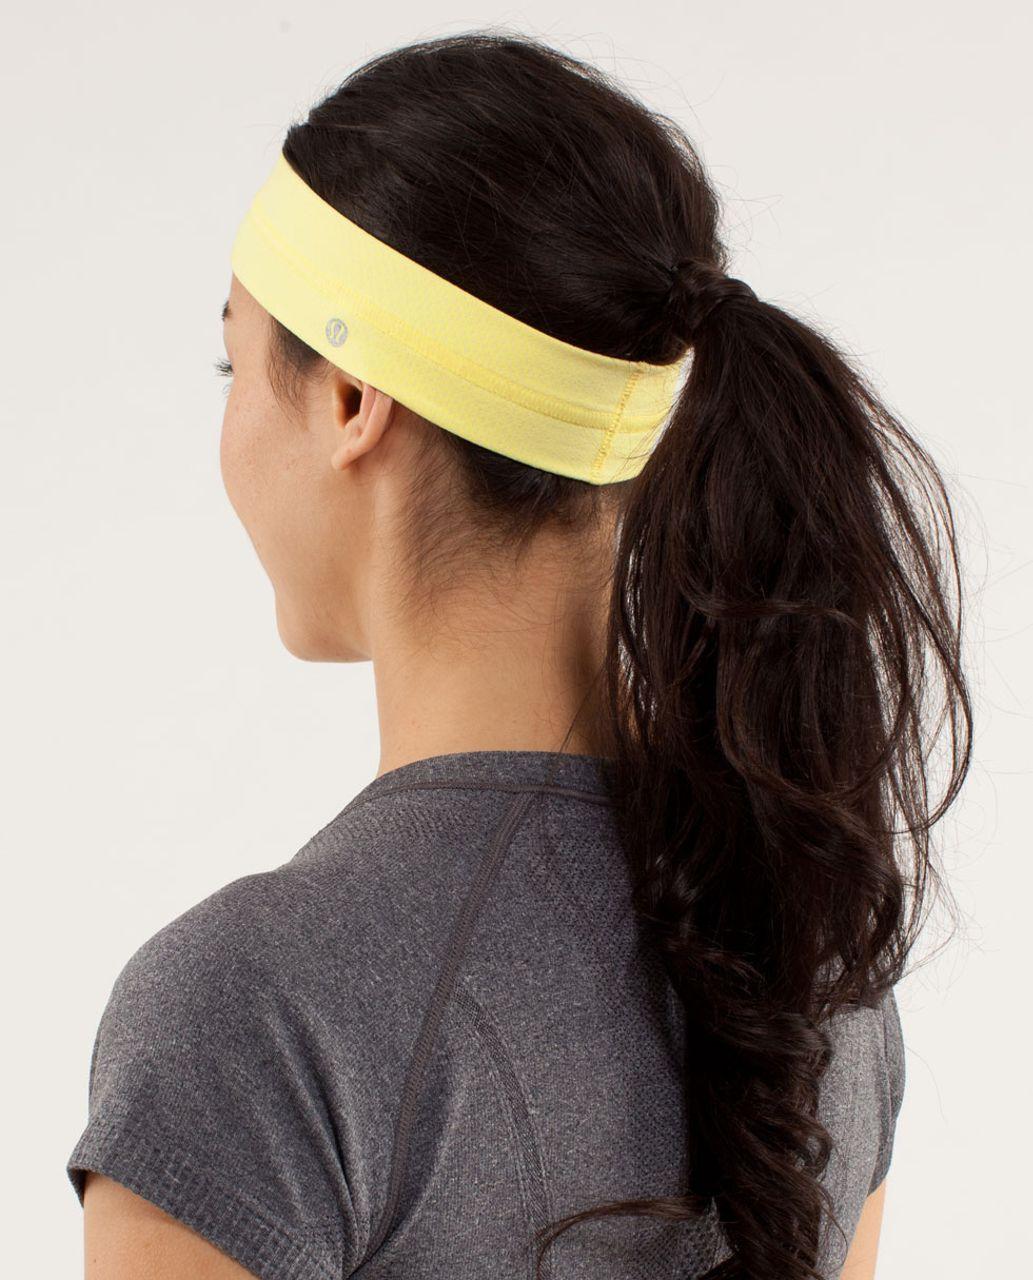 Lululemon Fly Away Tamer Headband - Mellow Lemon